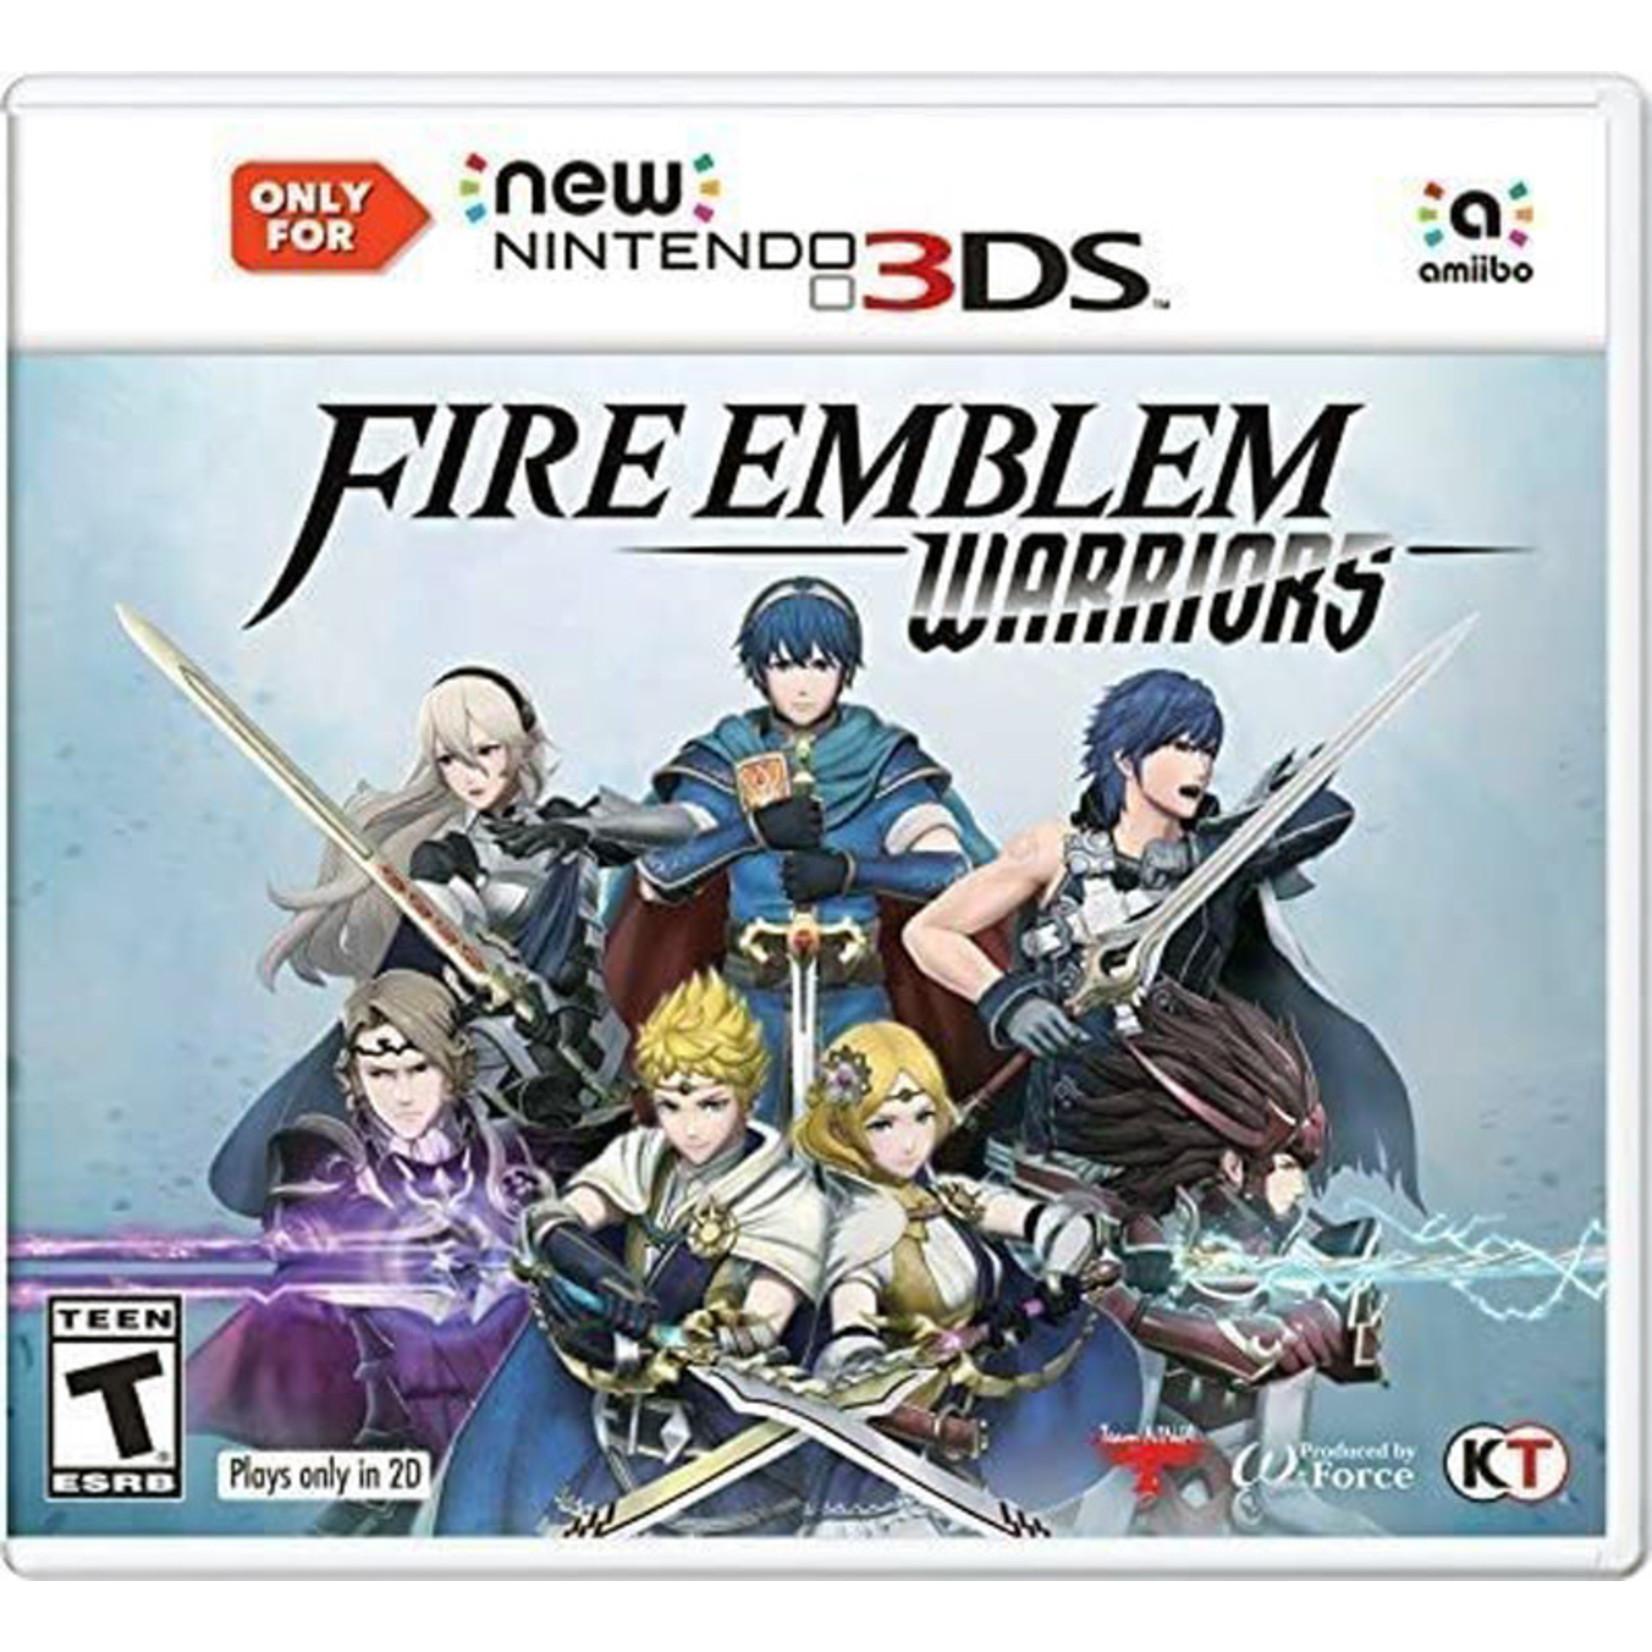 3DSU-Fire Emblem Warriors